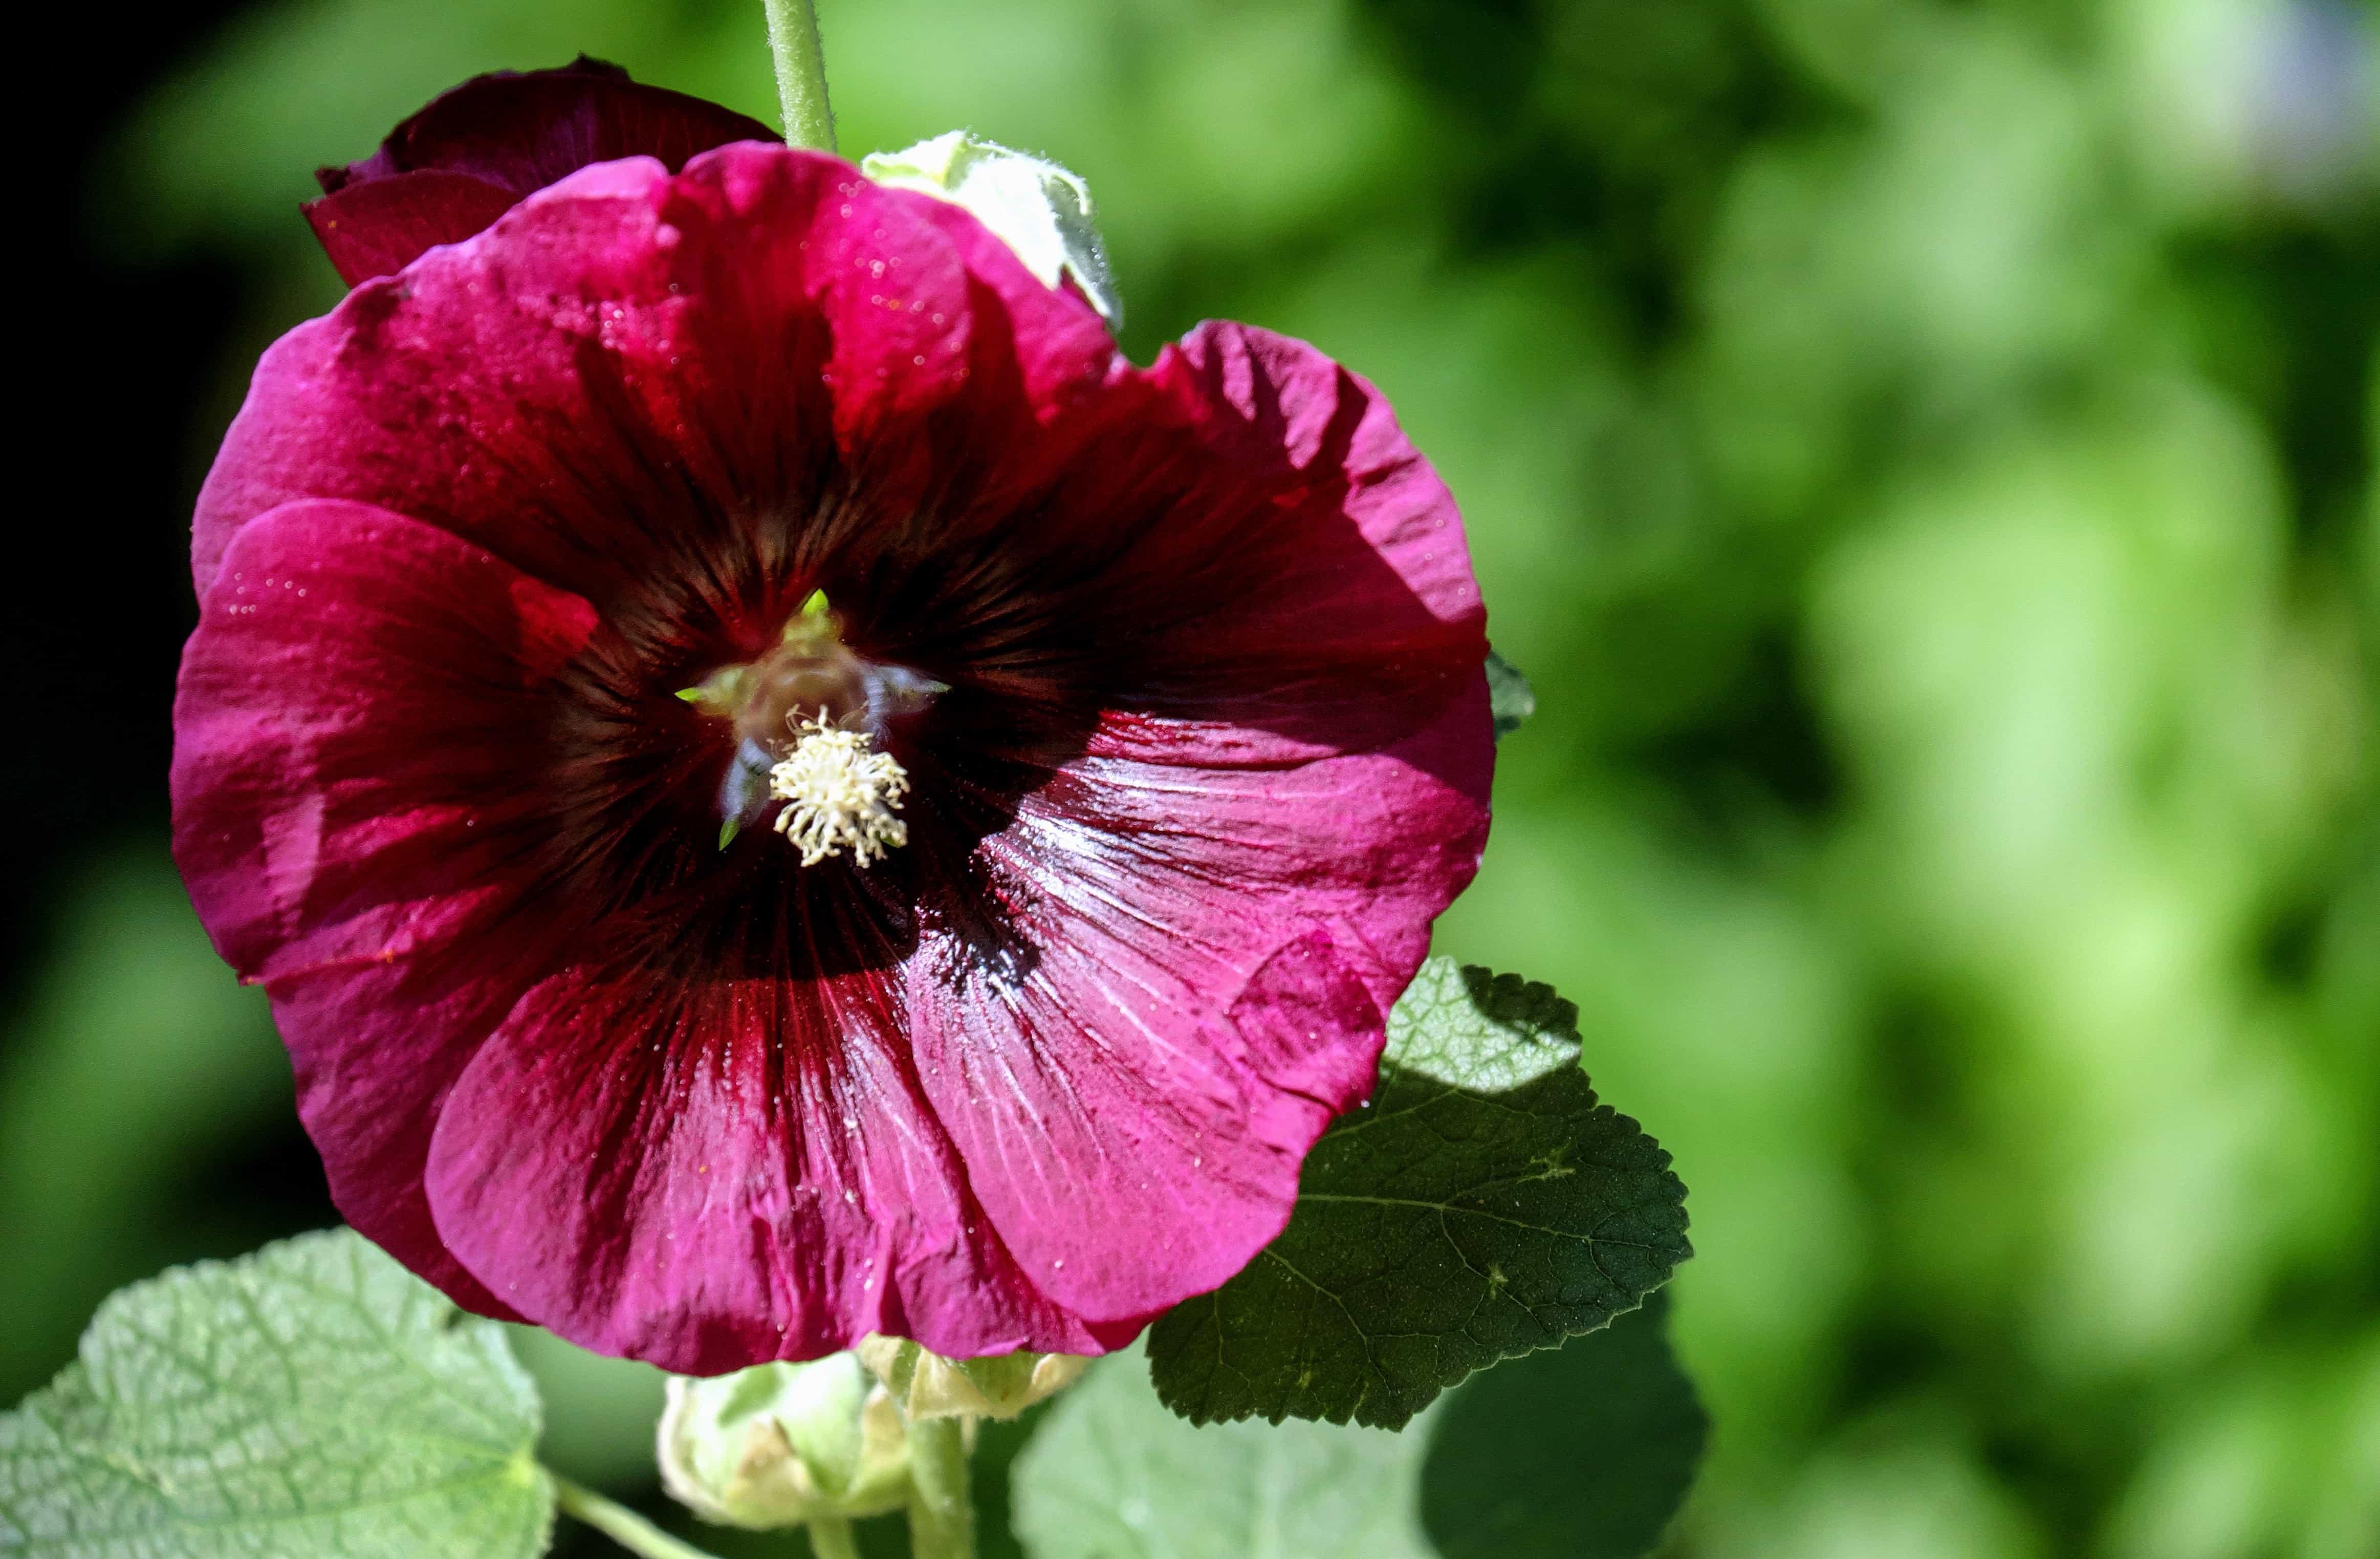 Atemberaubend Kostenlose Bild: Blatt, Garten, Natur, Sommer, Pflanzen, Blume #BA_26